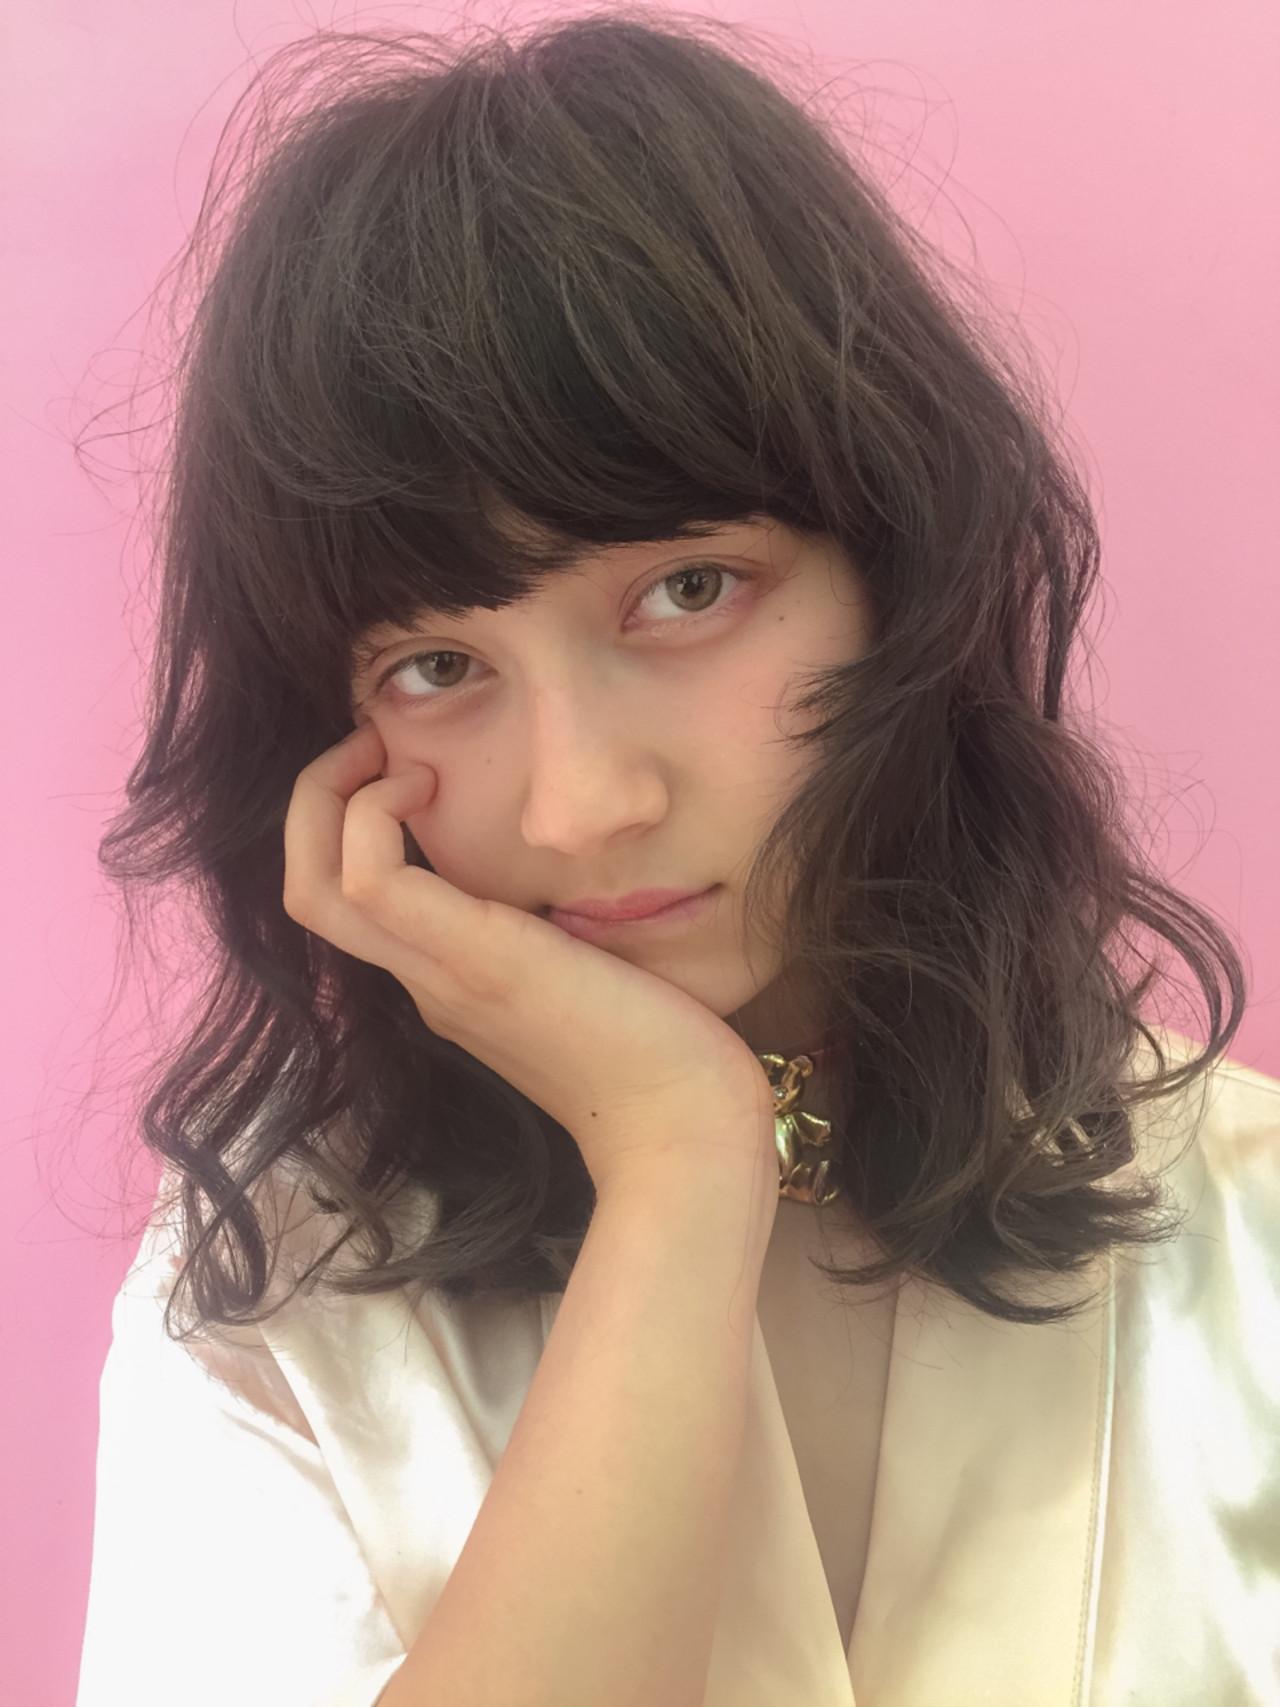 ミディアム ガーリー 外国人風 アッシュ ヘアスタイルや髪型の写真・画像